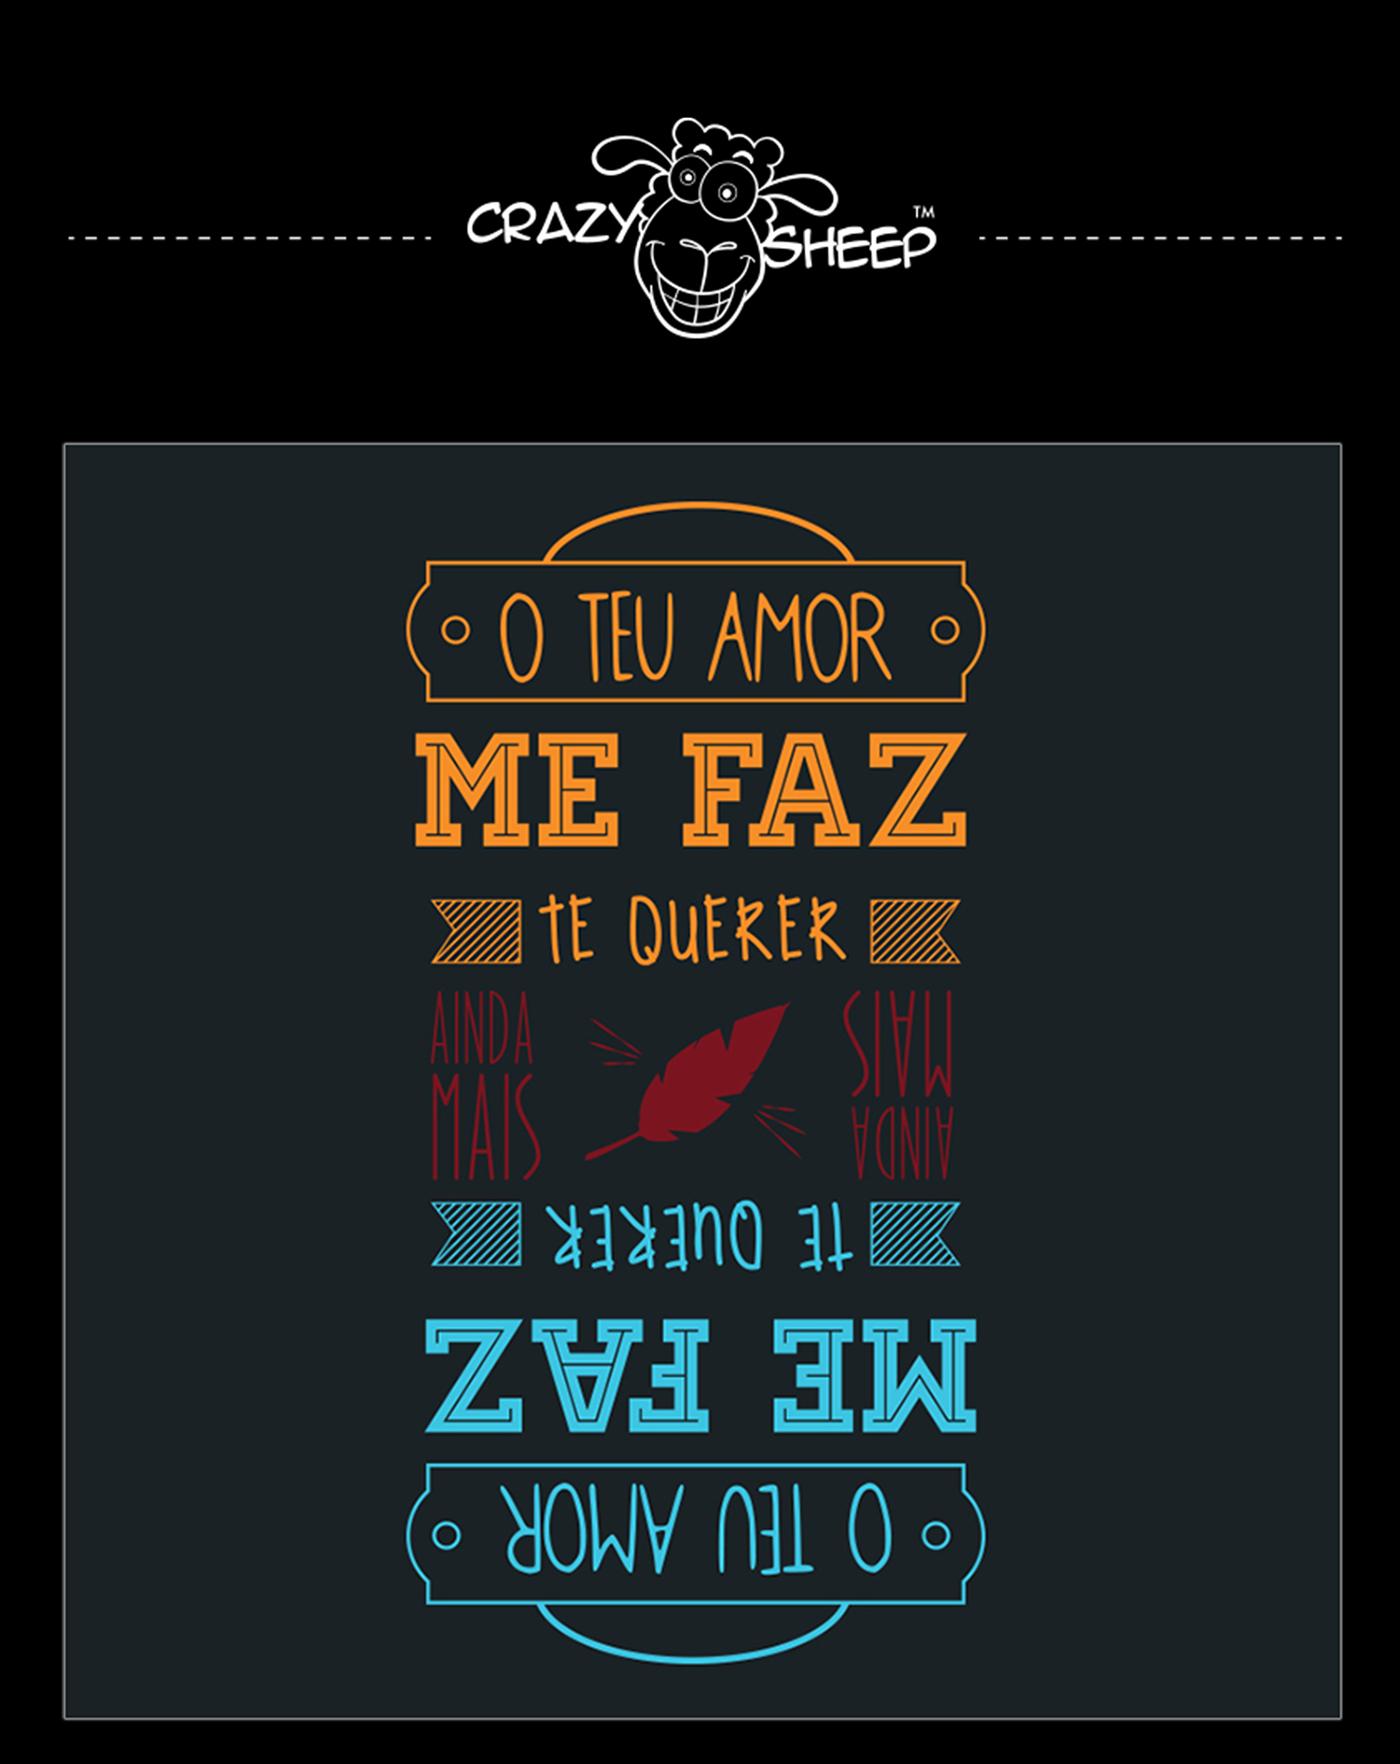 illustrations t-shirt camisetas moda Christian cristã gospel collections alltype tipografia crasy sheep crazysheep Ilustração Curitiba